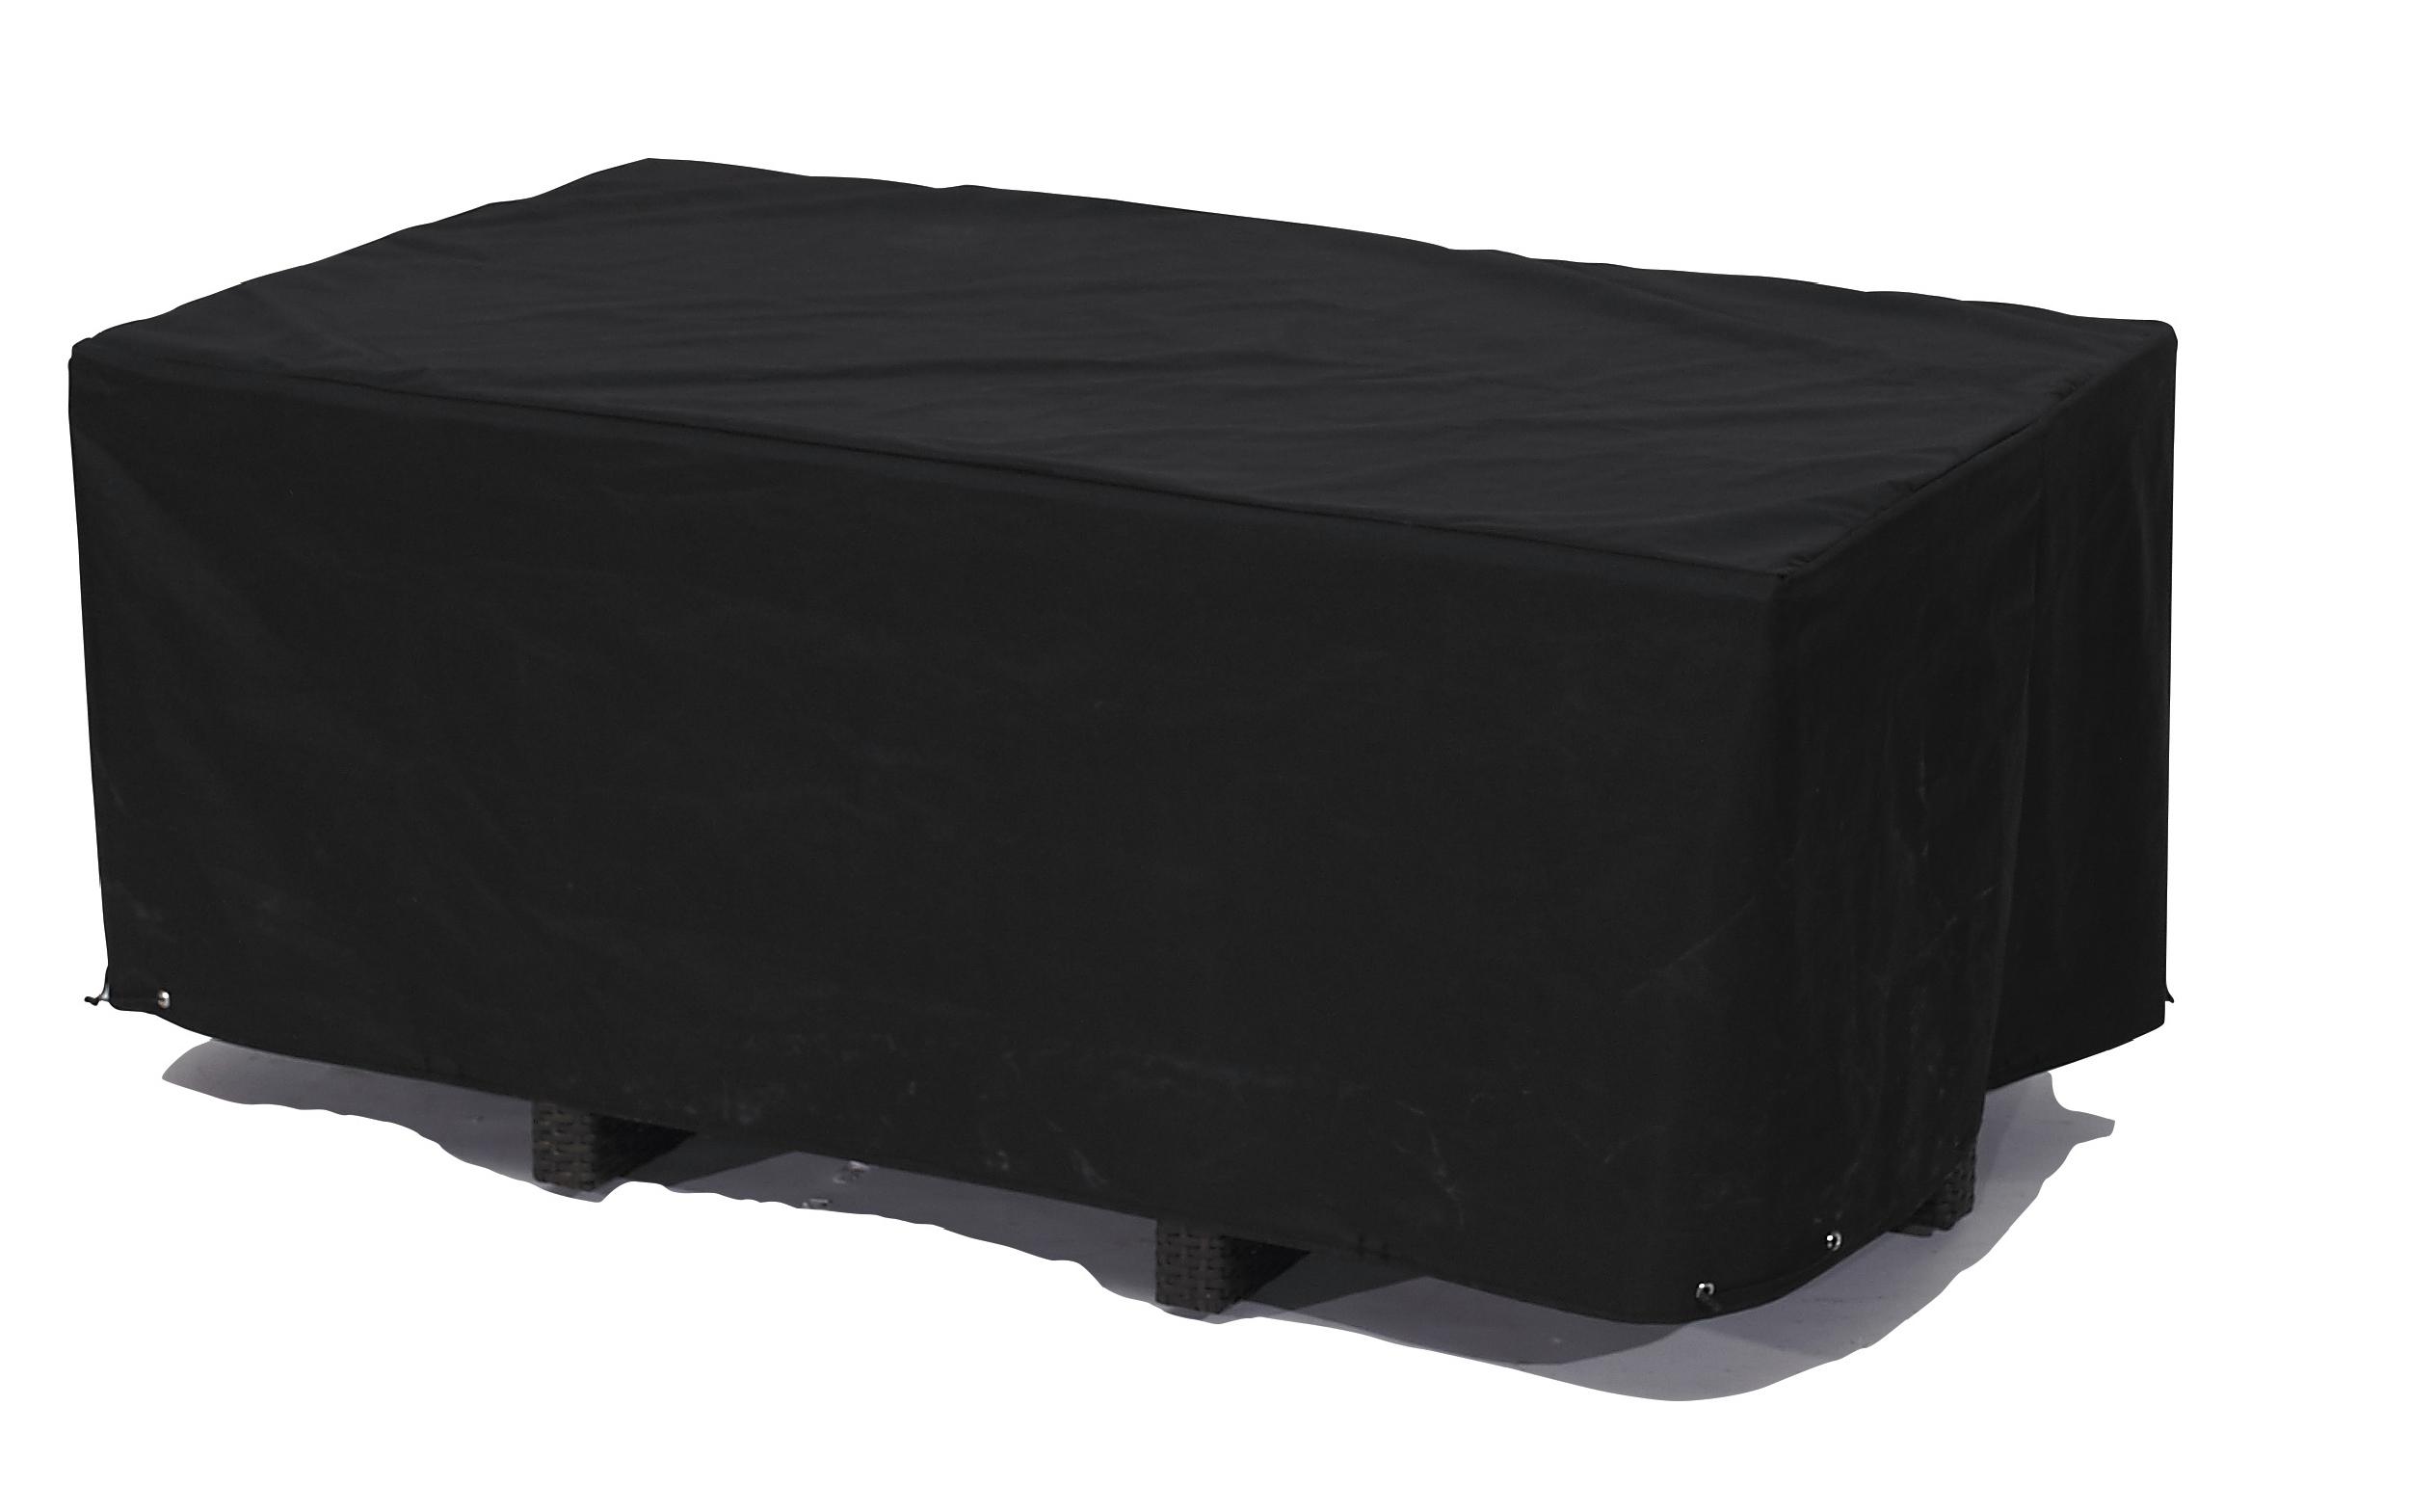 Housse de protection pour table de jardin 8 places en polyester noir